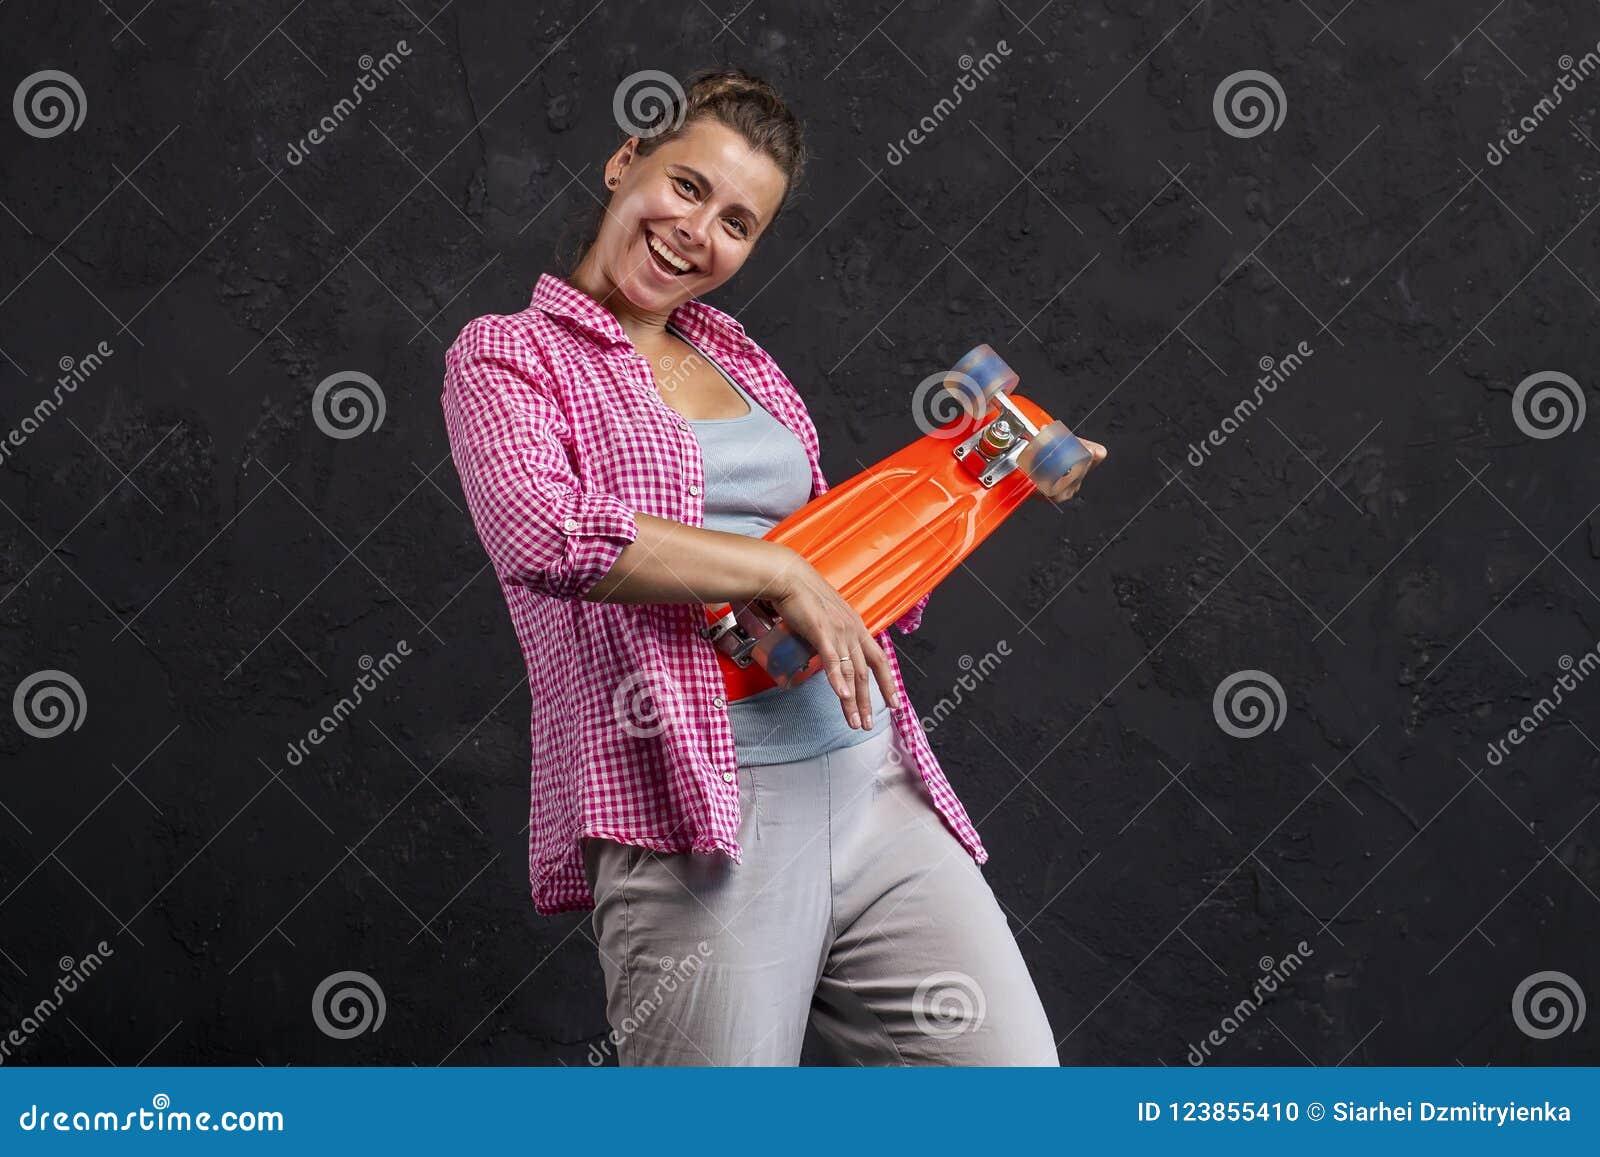 Retrato de uma moça bonita elegante com um skate nas mãos